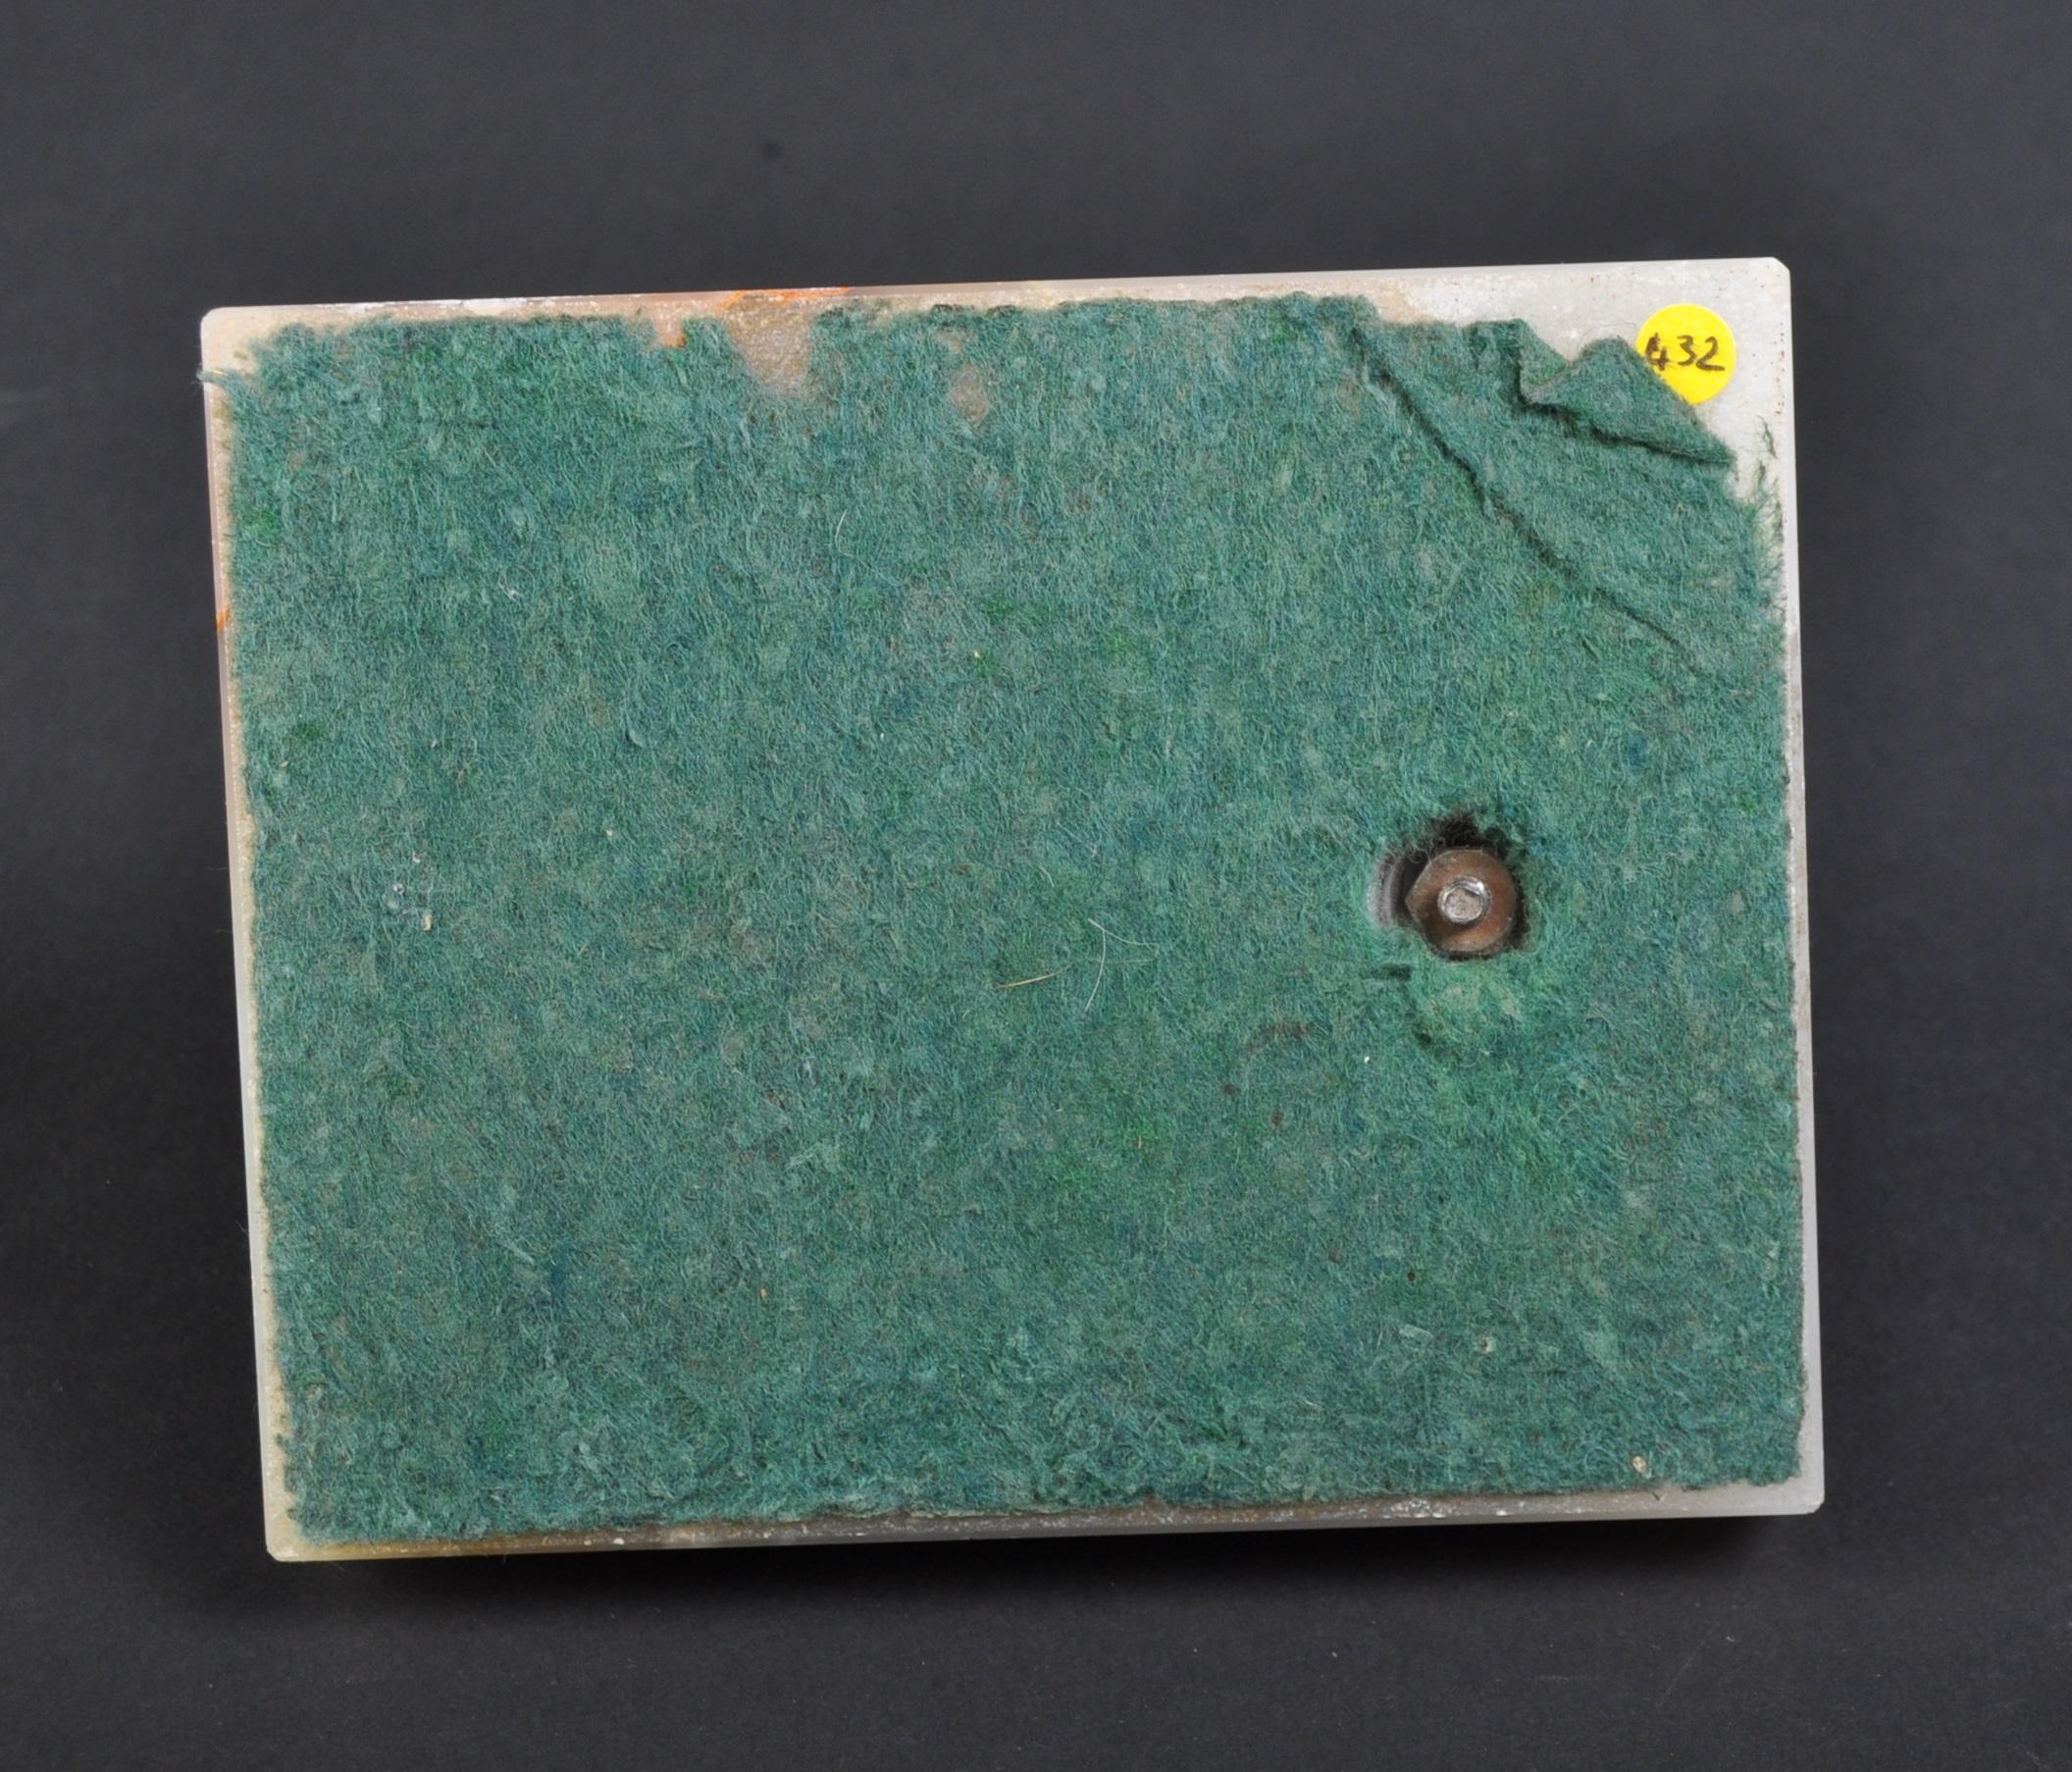 HOFFMAN JAGUAR MASCOT - RARE AMERICAN DEALERSHIP LEAPER PIN TRAY - Image 6 of 6